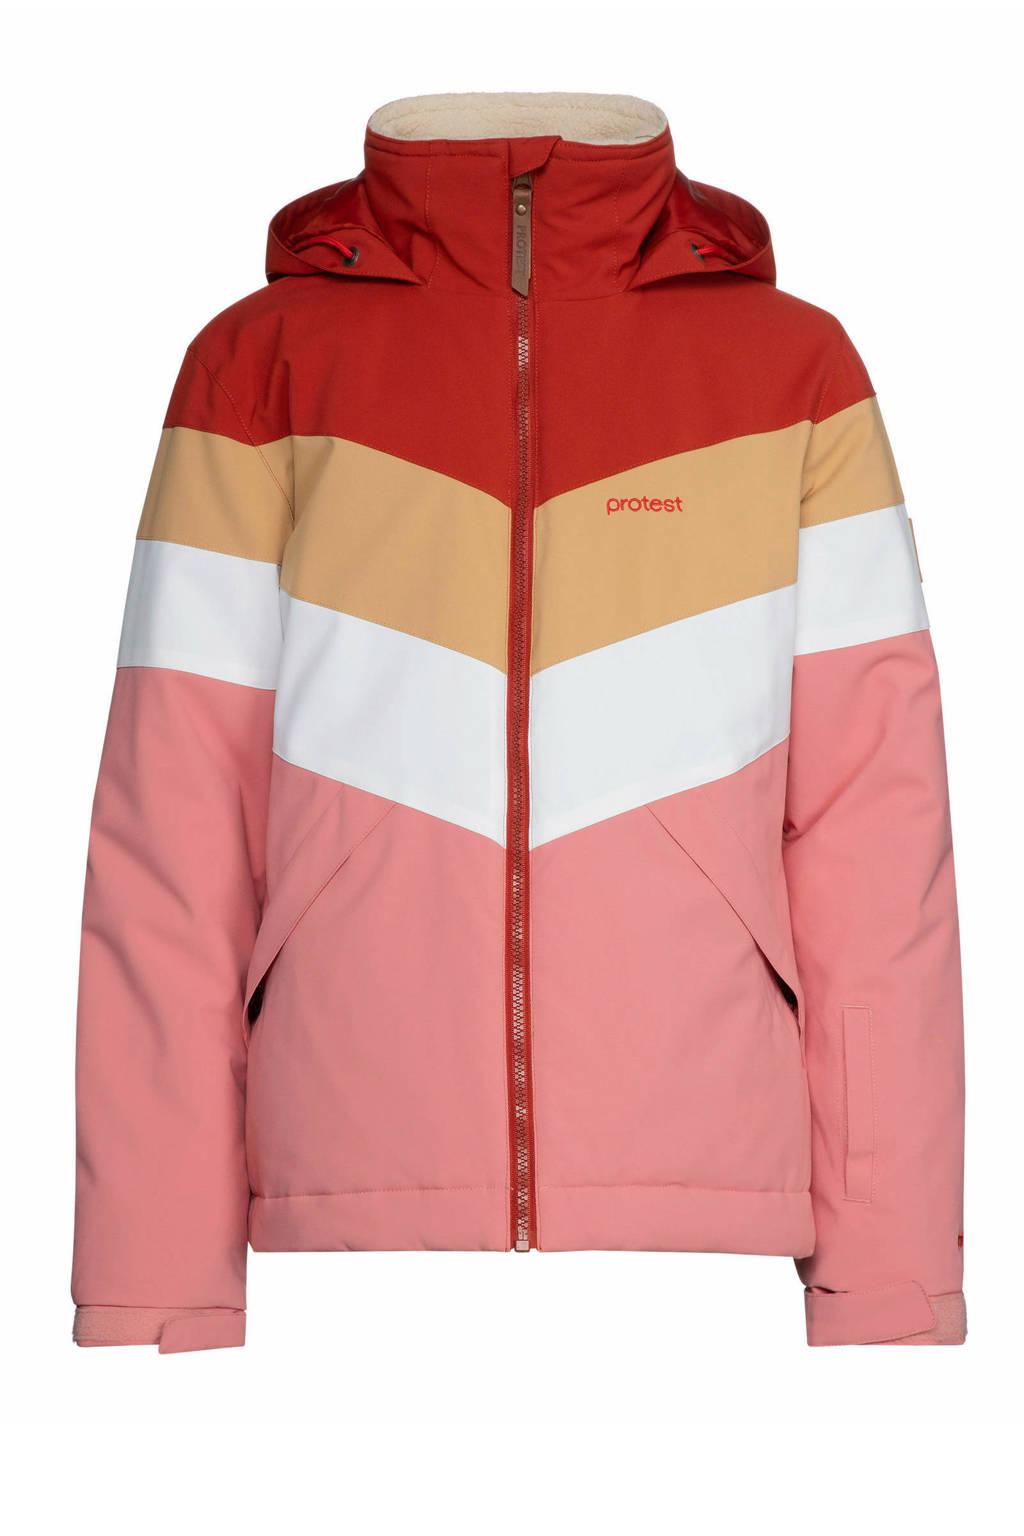 Protest ski-jack Fudge roze/rood, Think Pink